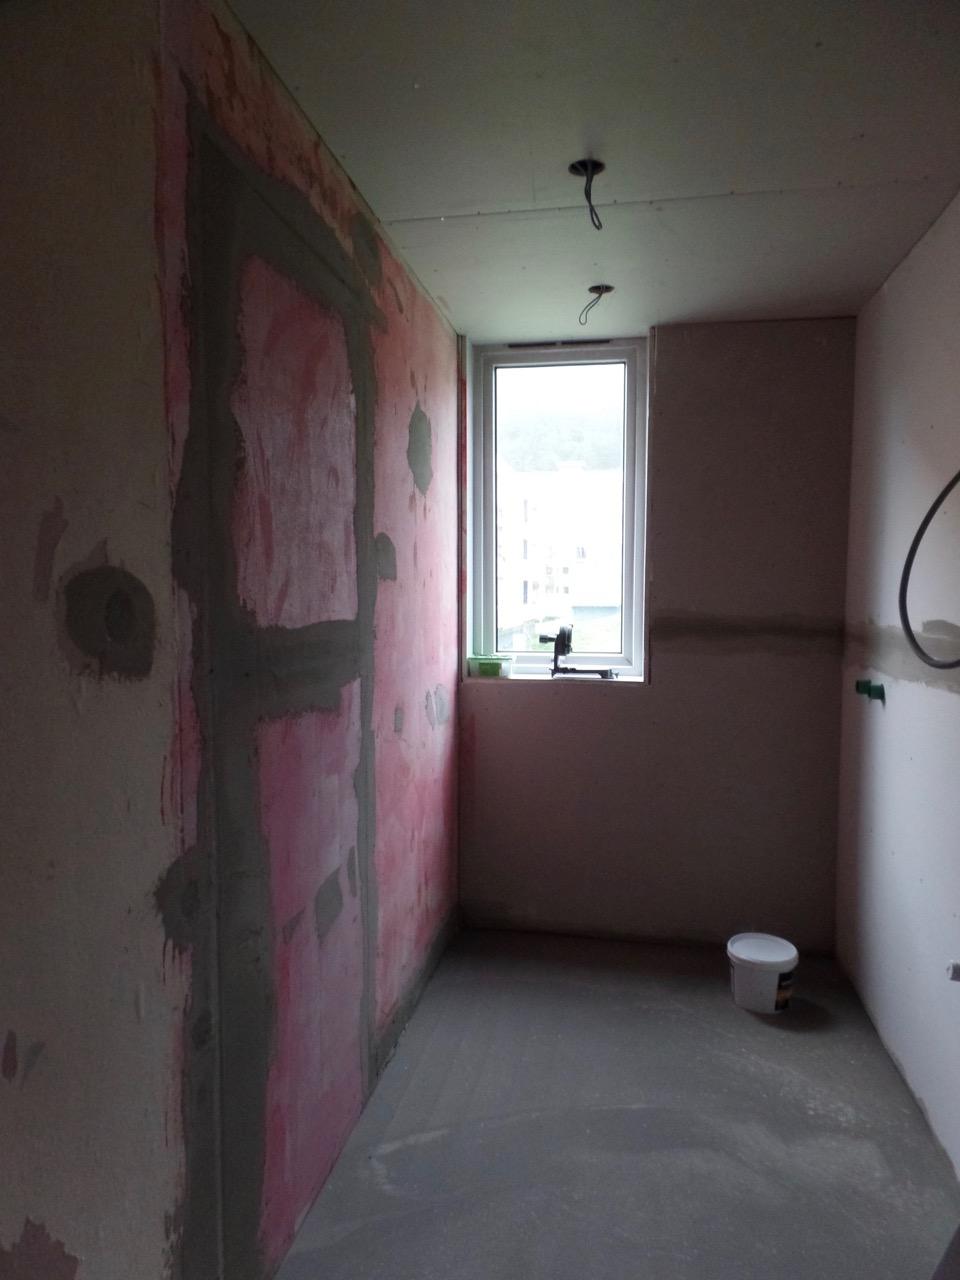 Doorway to bedroom sealed; heating laid in floor